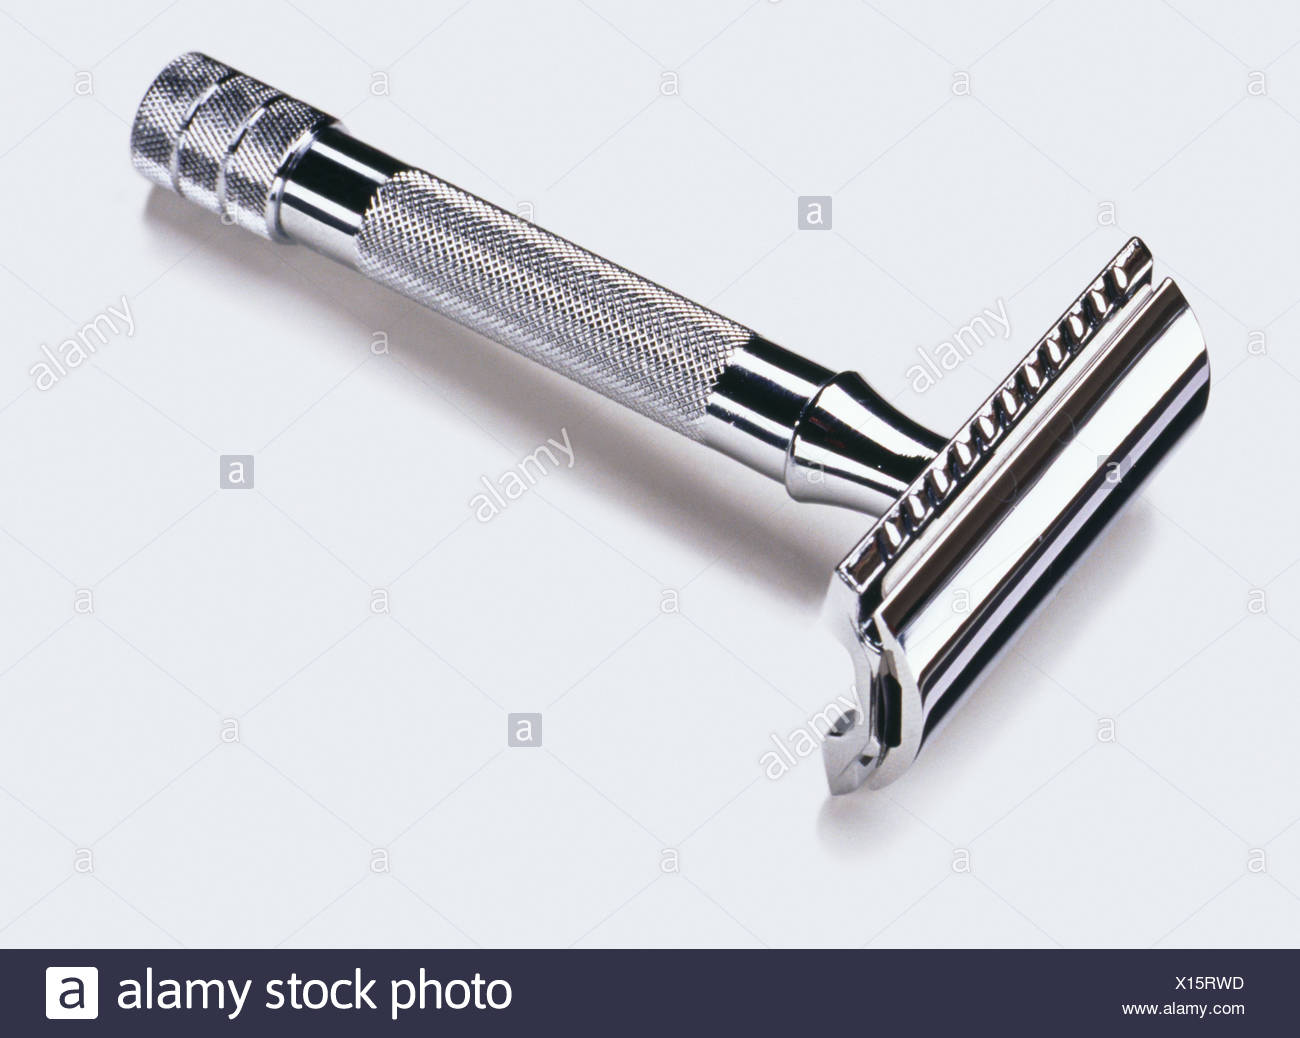 A silver razor - Stock Image